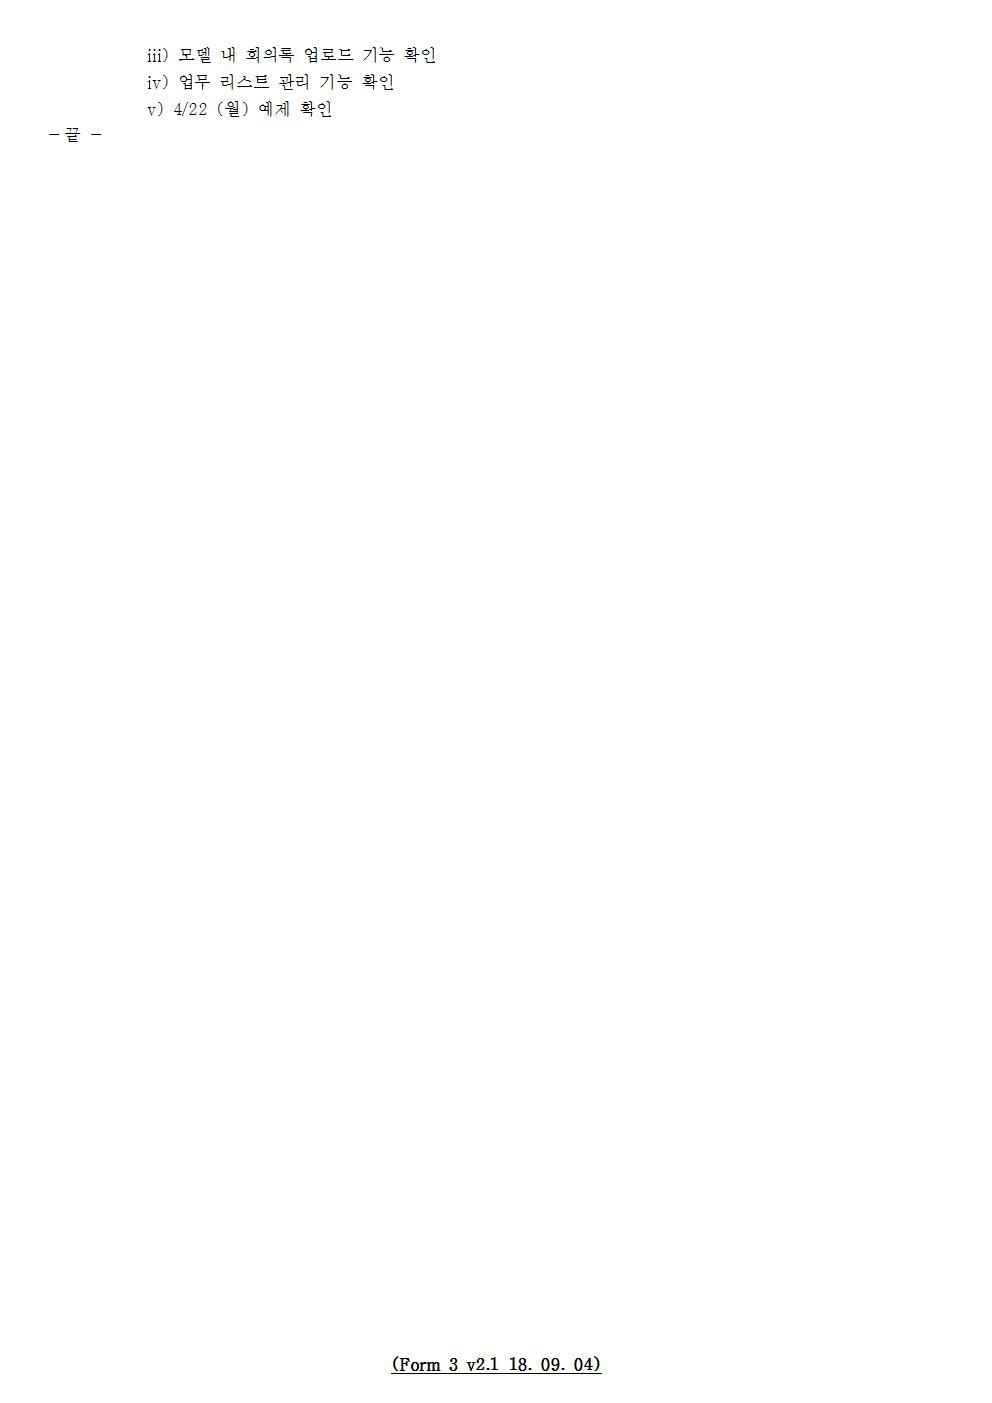 D-[19-027-RC-05]-[XMS]-[2019-04-18][YB]002.jpg